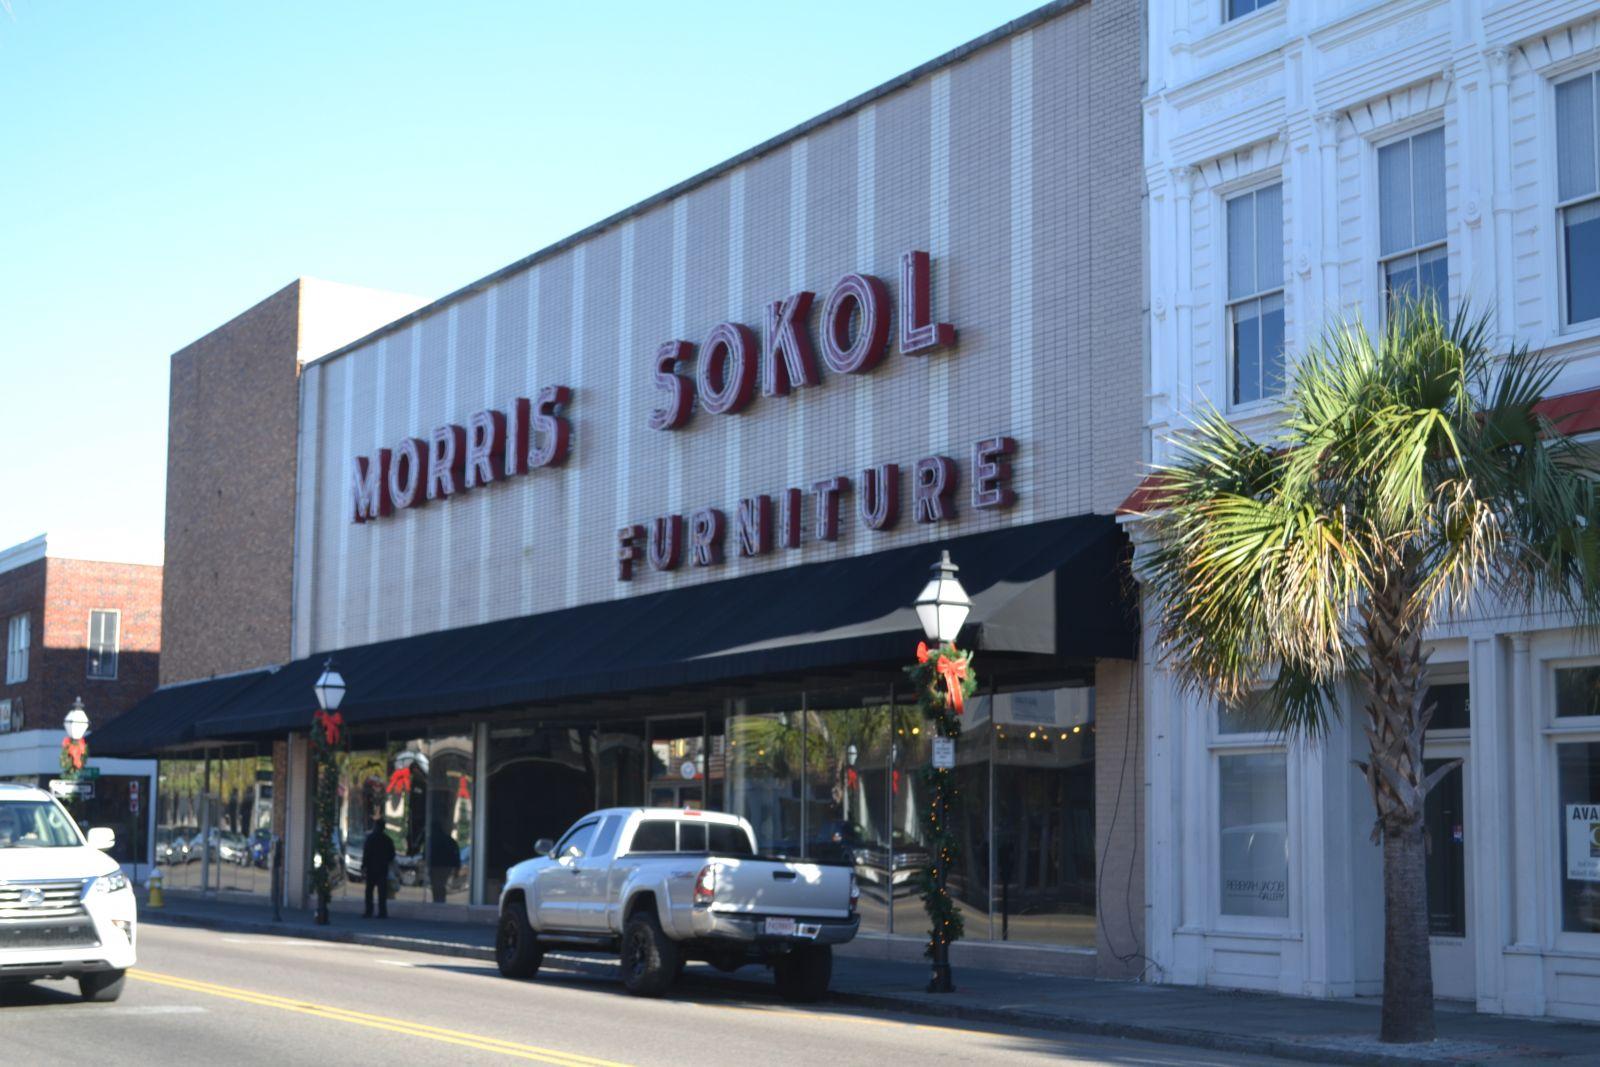 Store Owner Joe Sokol Closed The Morris Sokol Furniture Store At 510 King  St. In